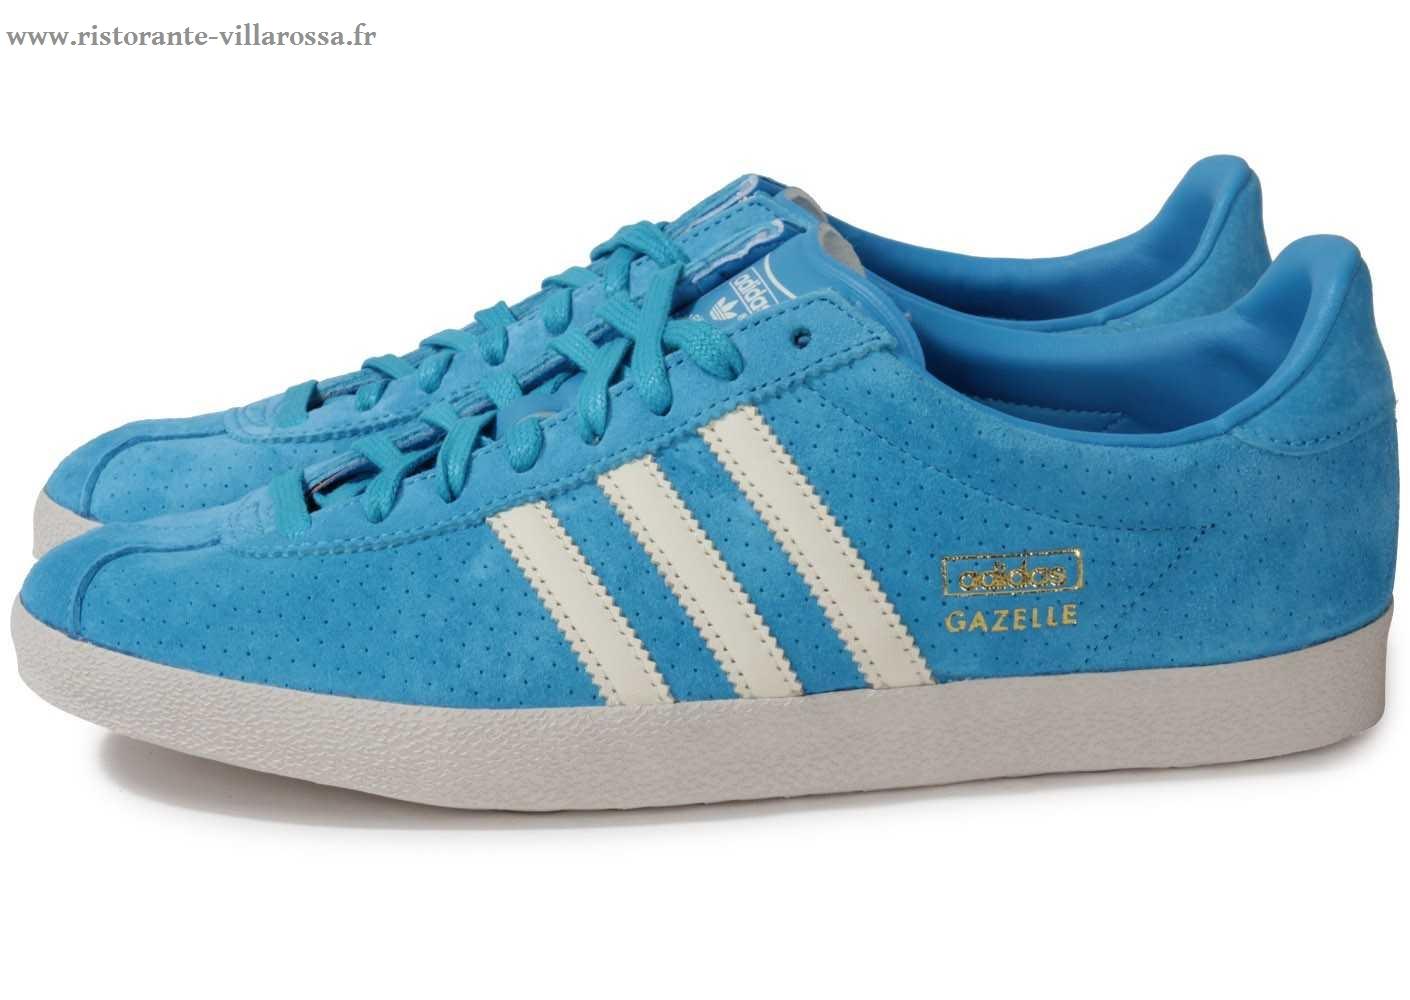 affordable price fashion styles online for sale Homme Solde Gazelle Adidas Og cLq4jSR3A5